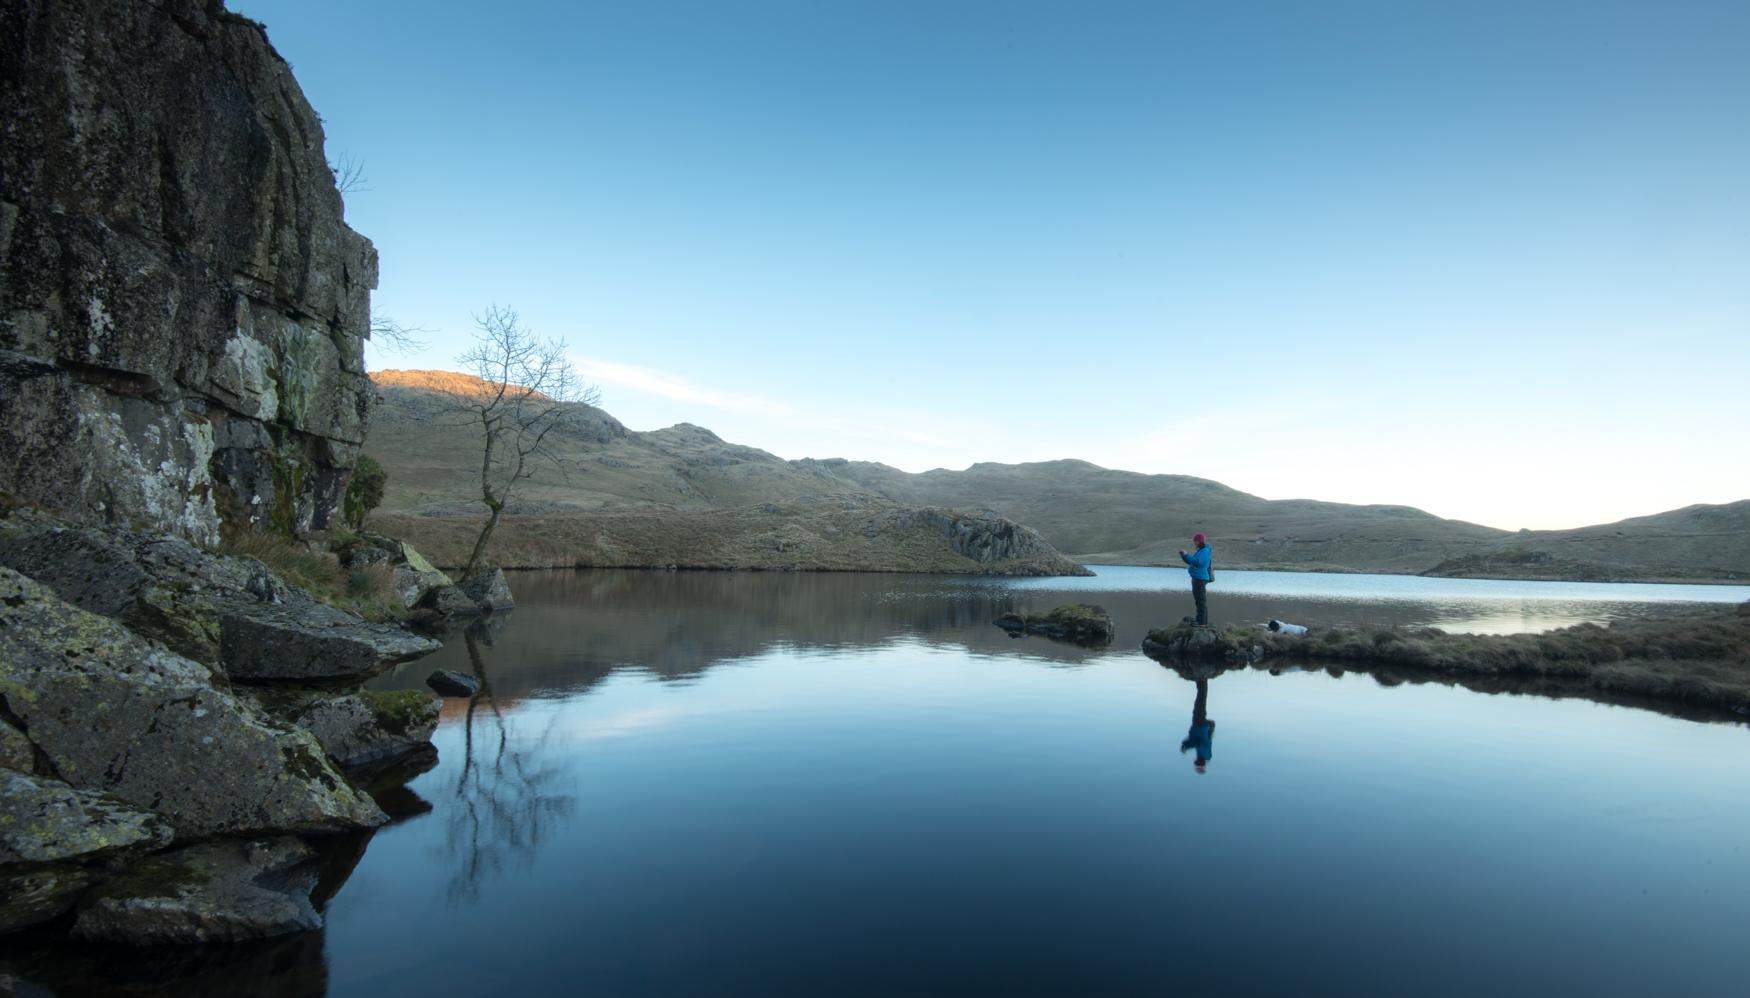 February morning, Angle Tarn, Cumbria